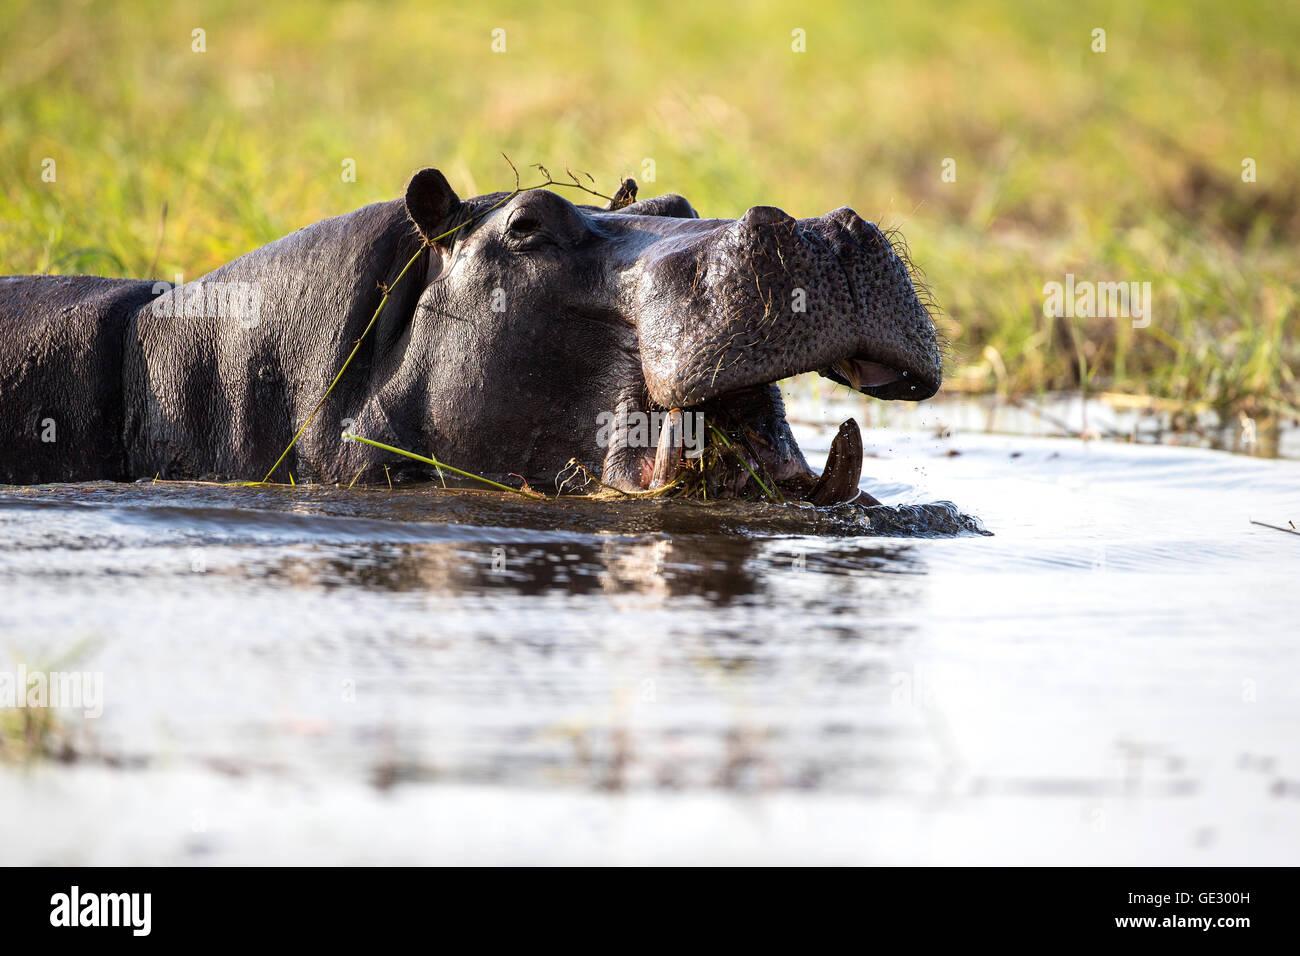 Grand adulte Hippopotamus Hippopotamus amphibius semi submergé avec la bouche ouverte montrant de grandes défenses canine Banque D'Images